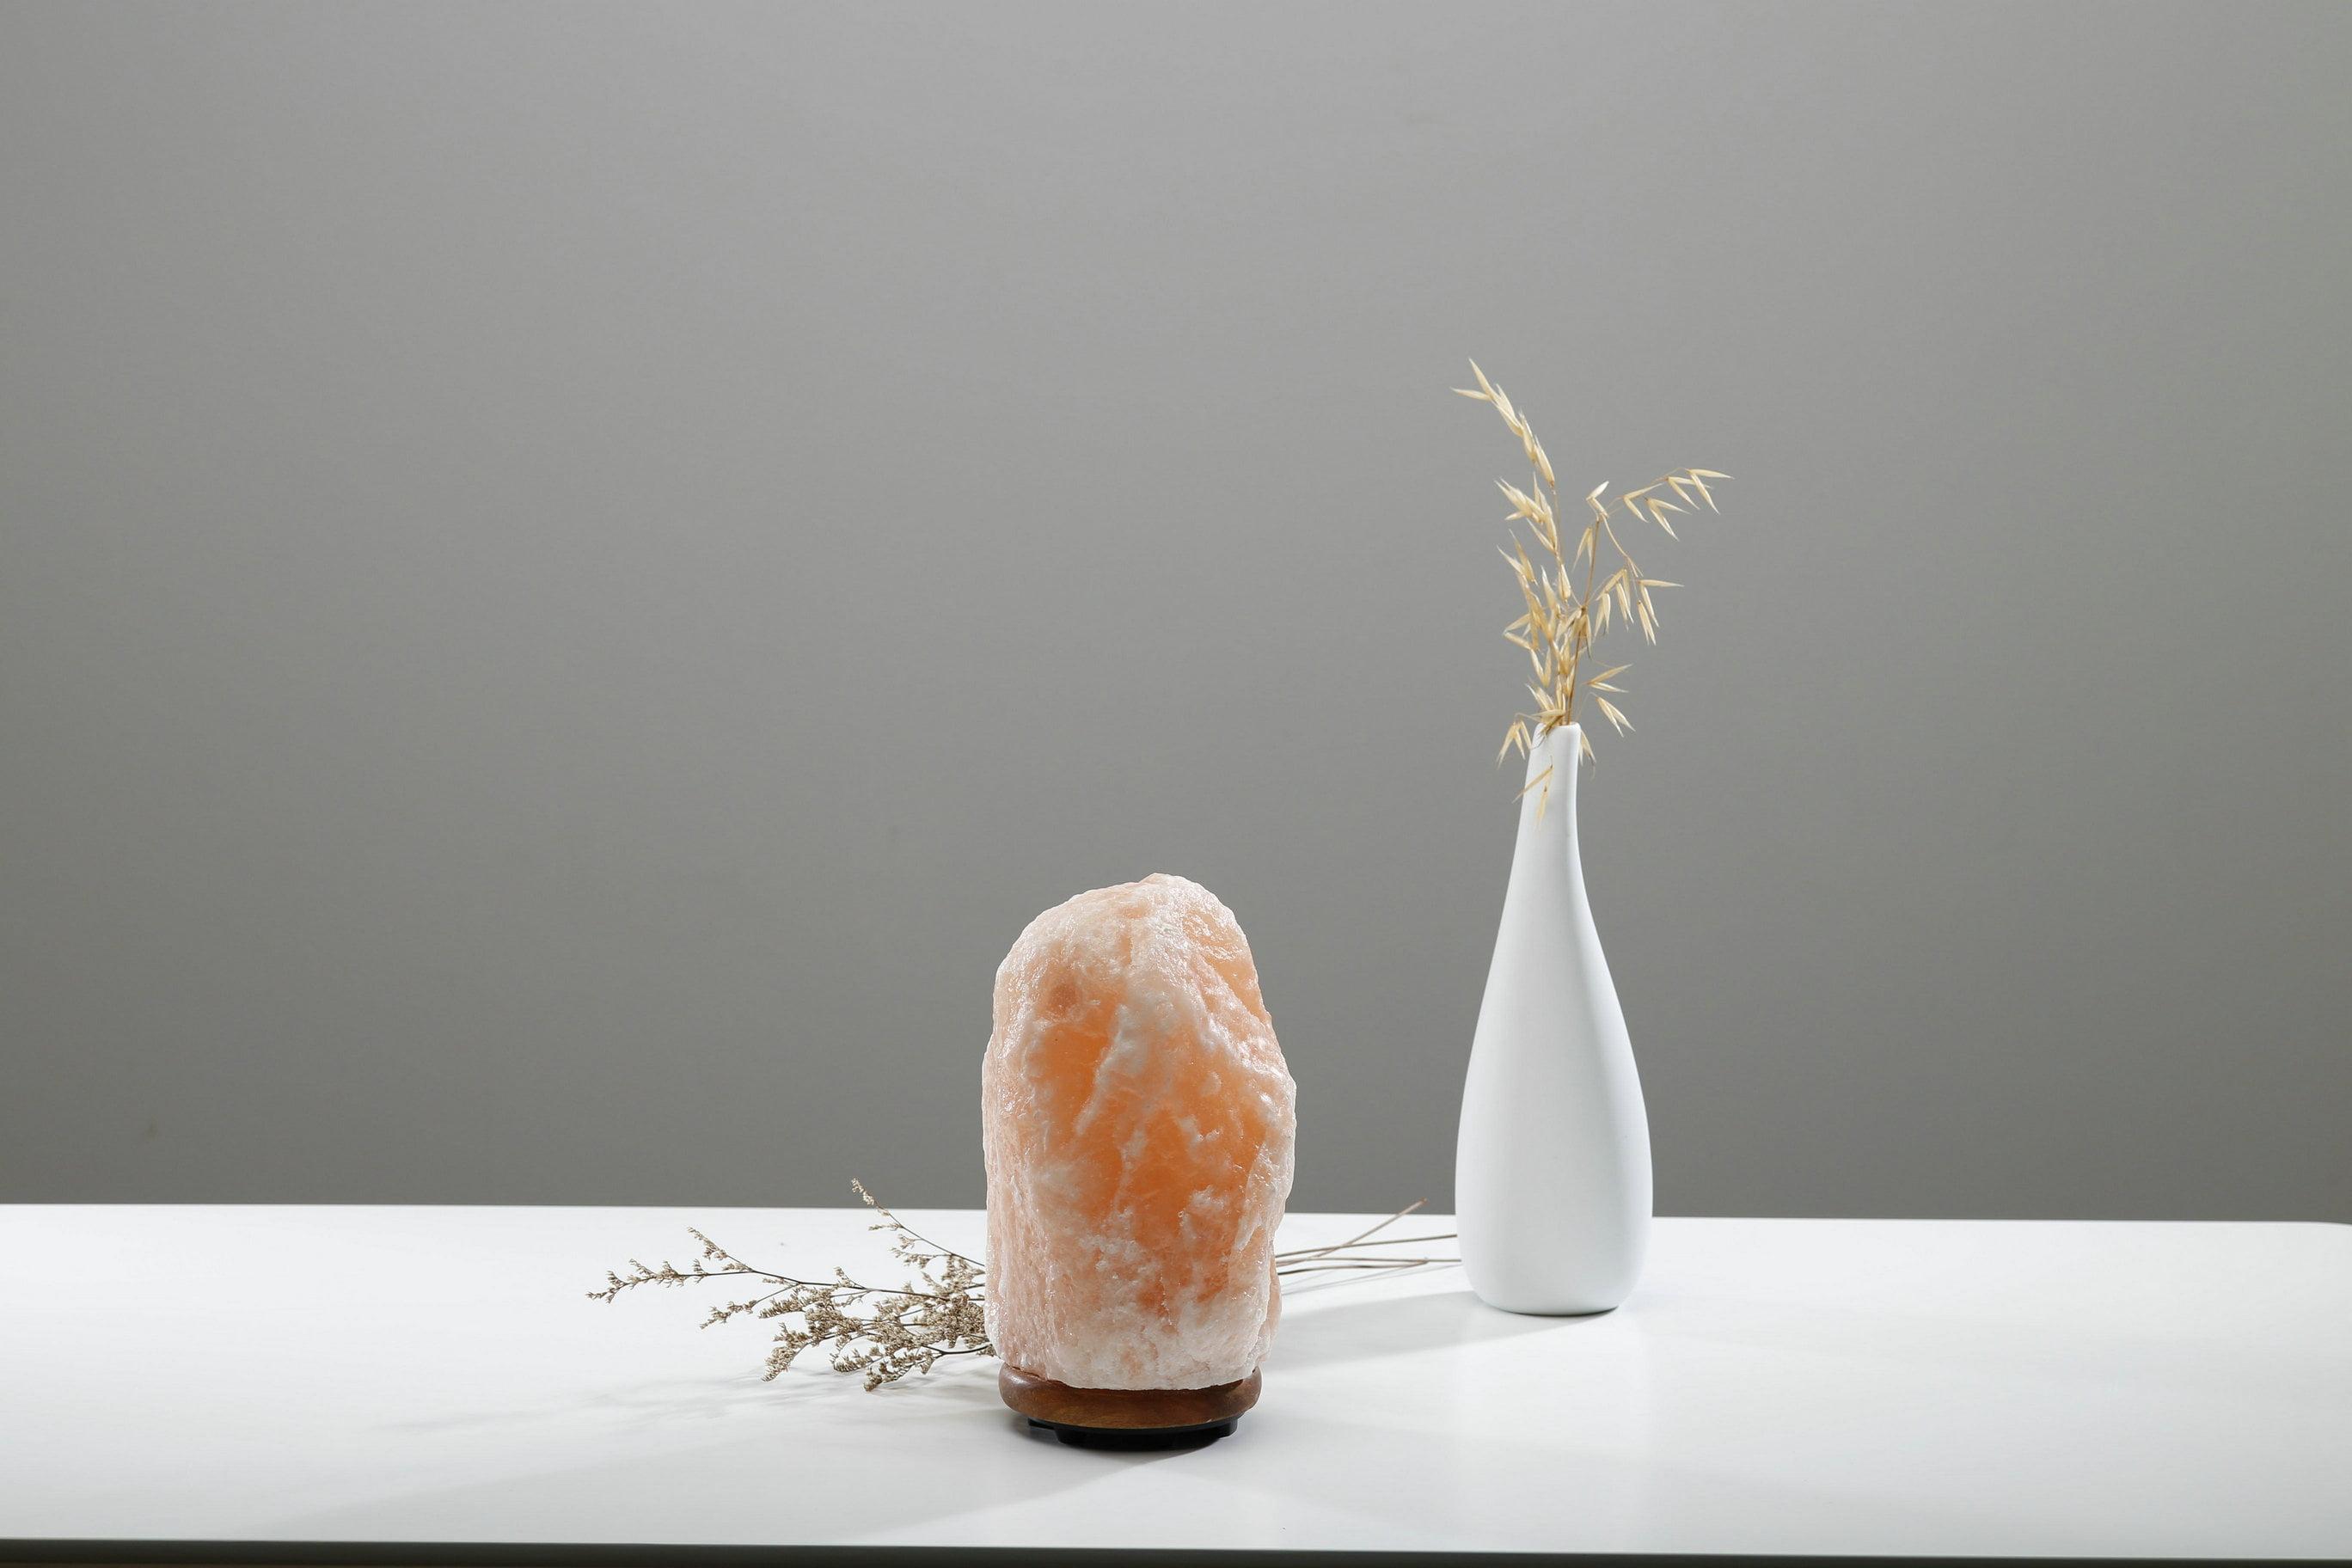 Product features for Wbm 7 tall himalayan natural crystal salt lamp